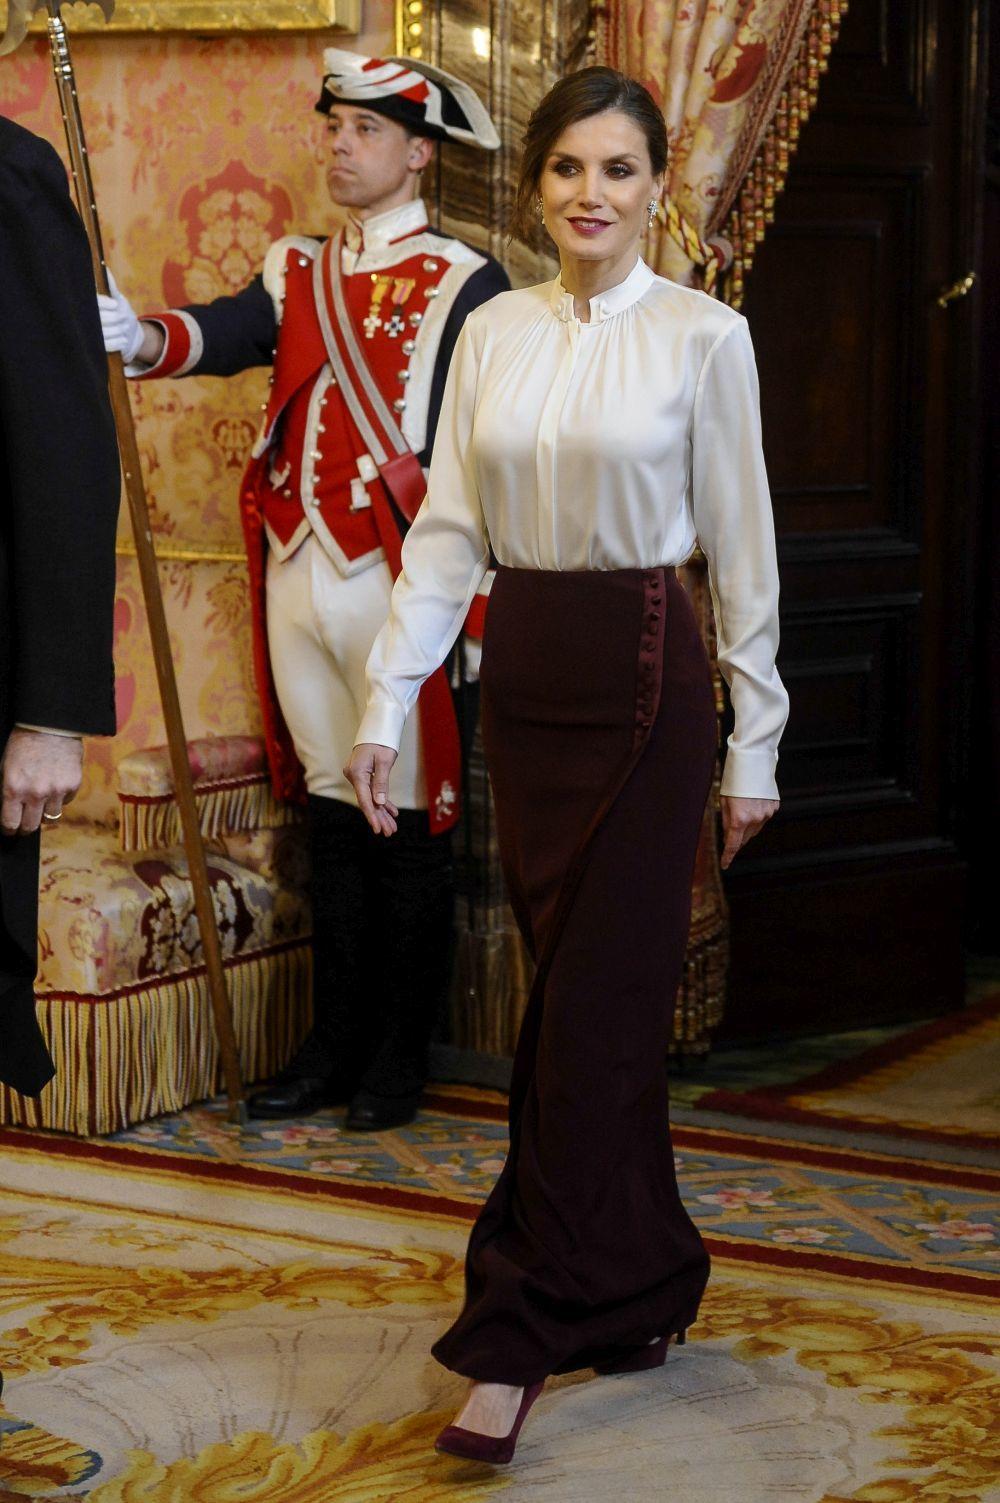 La reina Letizia con camisa blanca y falda larga en color burdeos.